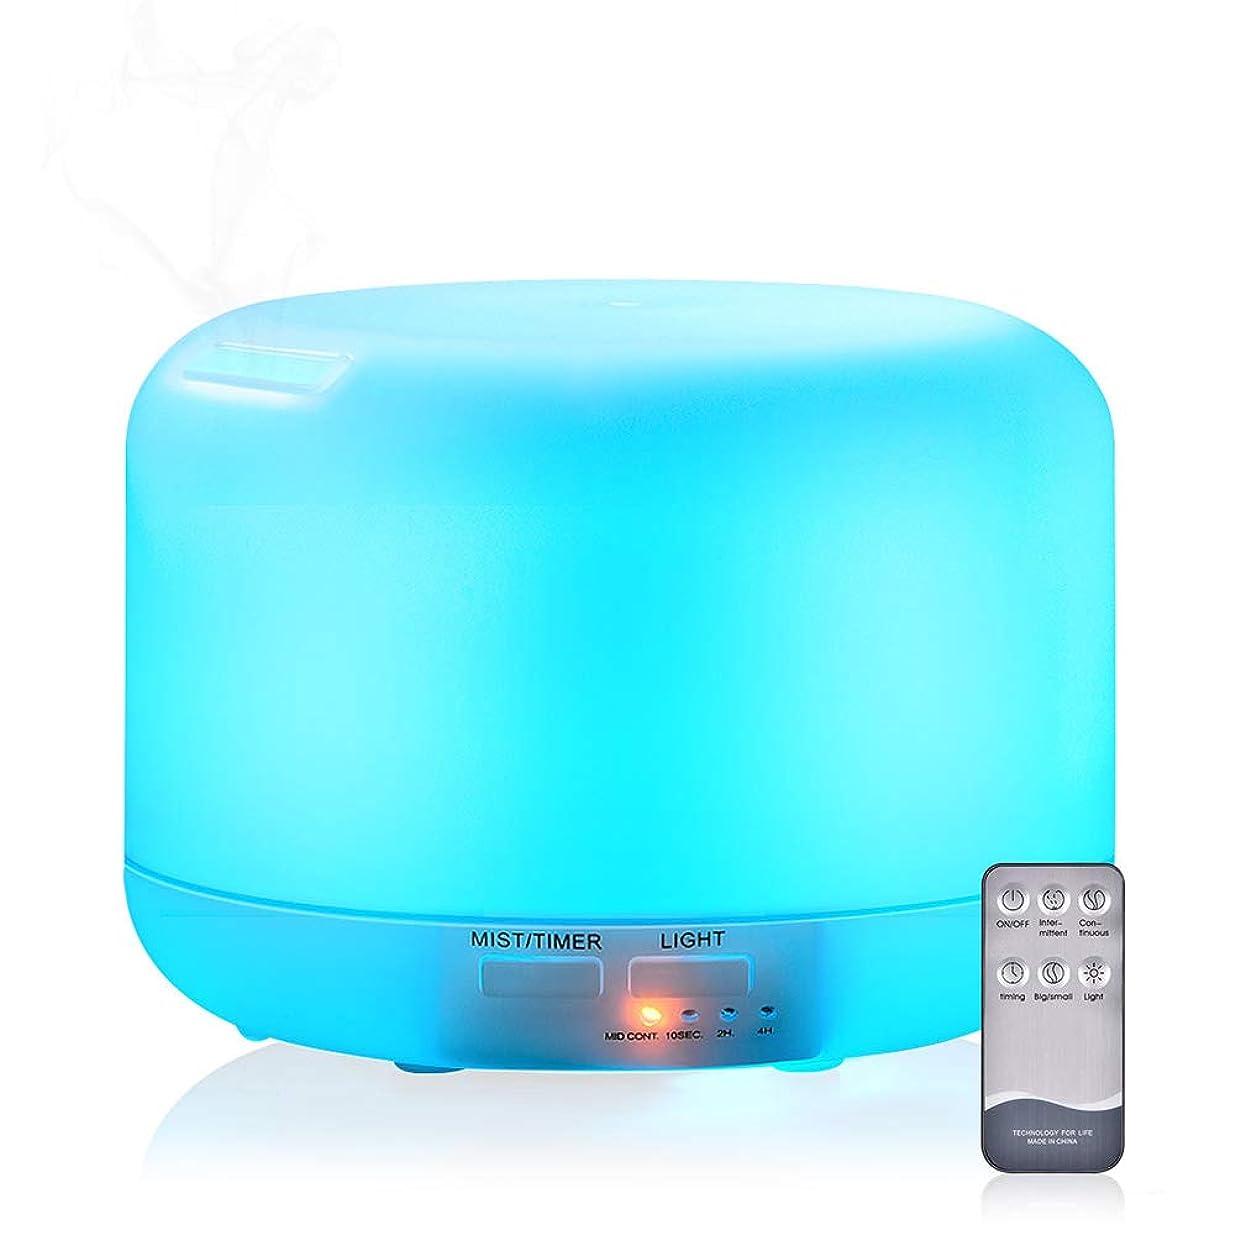 バイオレットに対処する復活500ミリメートルリモコン空気アロマ超音波加湿器カラーLEDライト電気アロマセラピーエッセンシャルオイルディフューザー